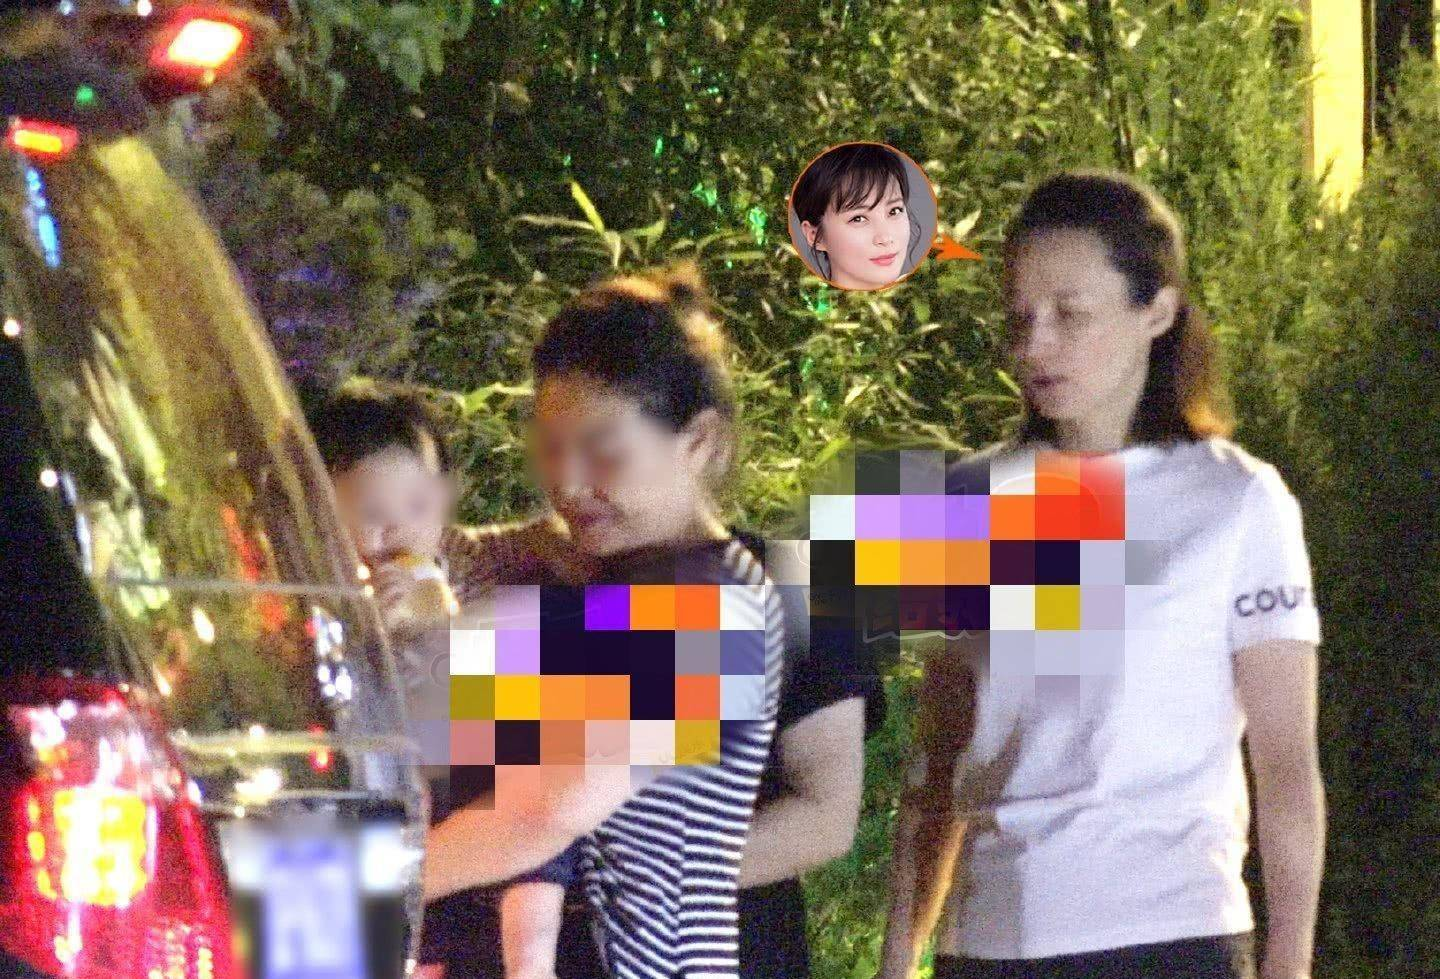 44岁蒋勤勤近照曝光!发际线后移显老态,同是中年不敌姚晨陶虹?